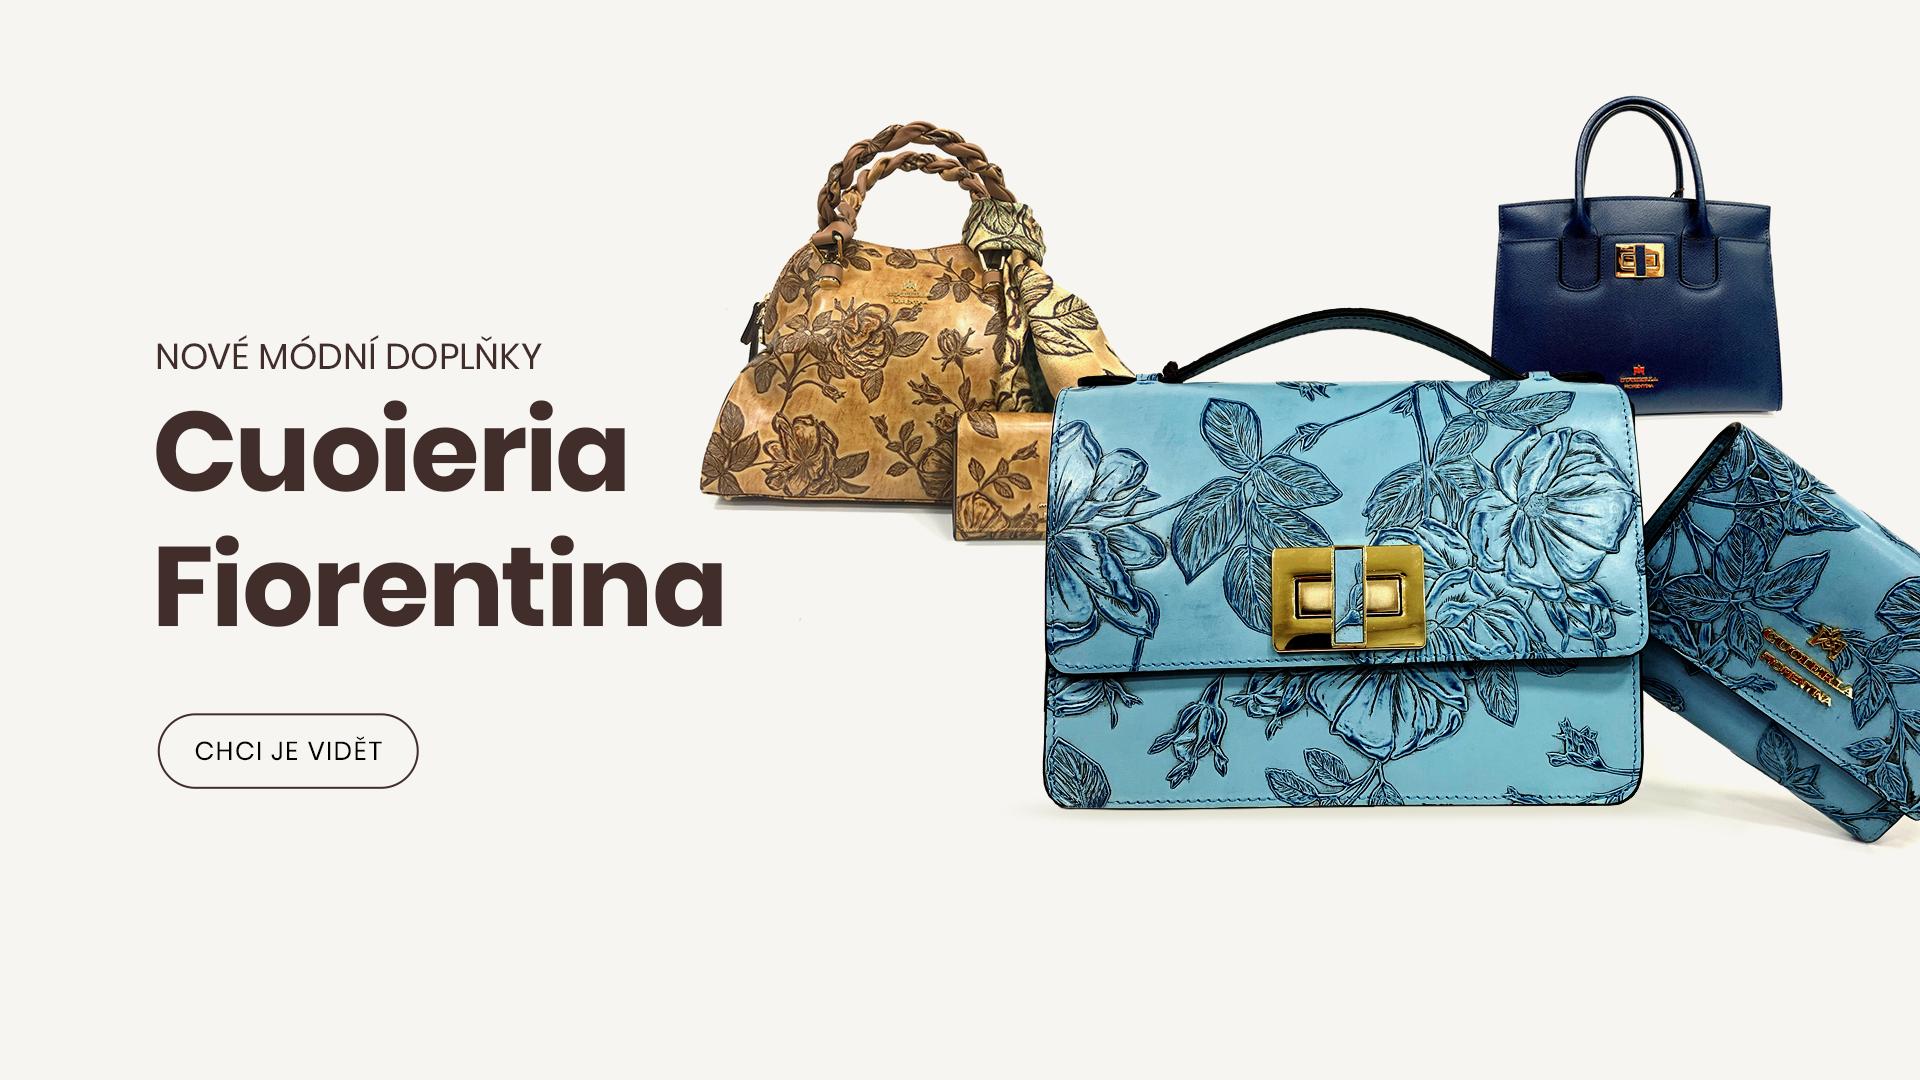 produkty značky Cuoieria Fiorentina